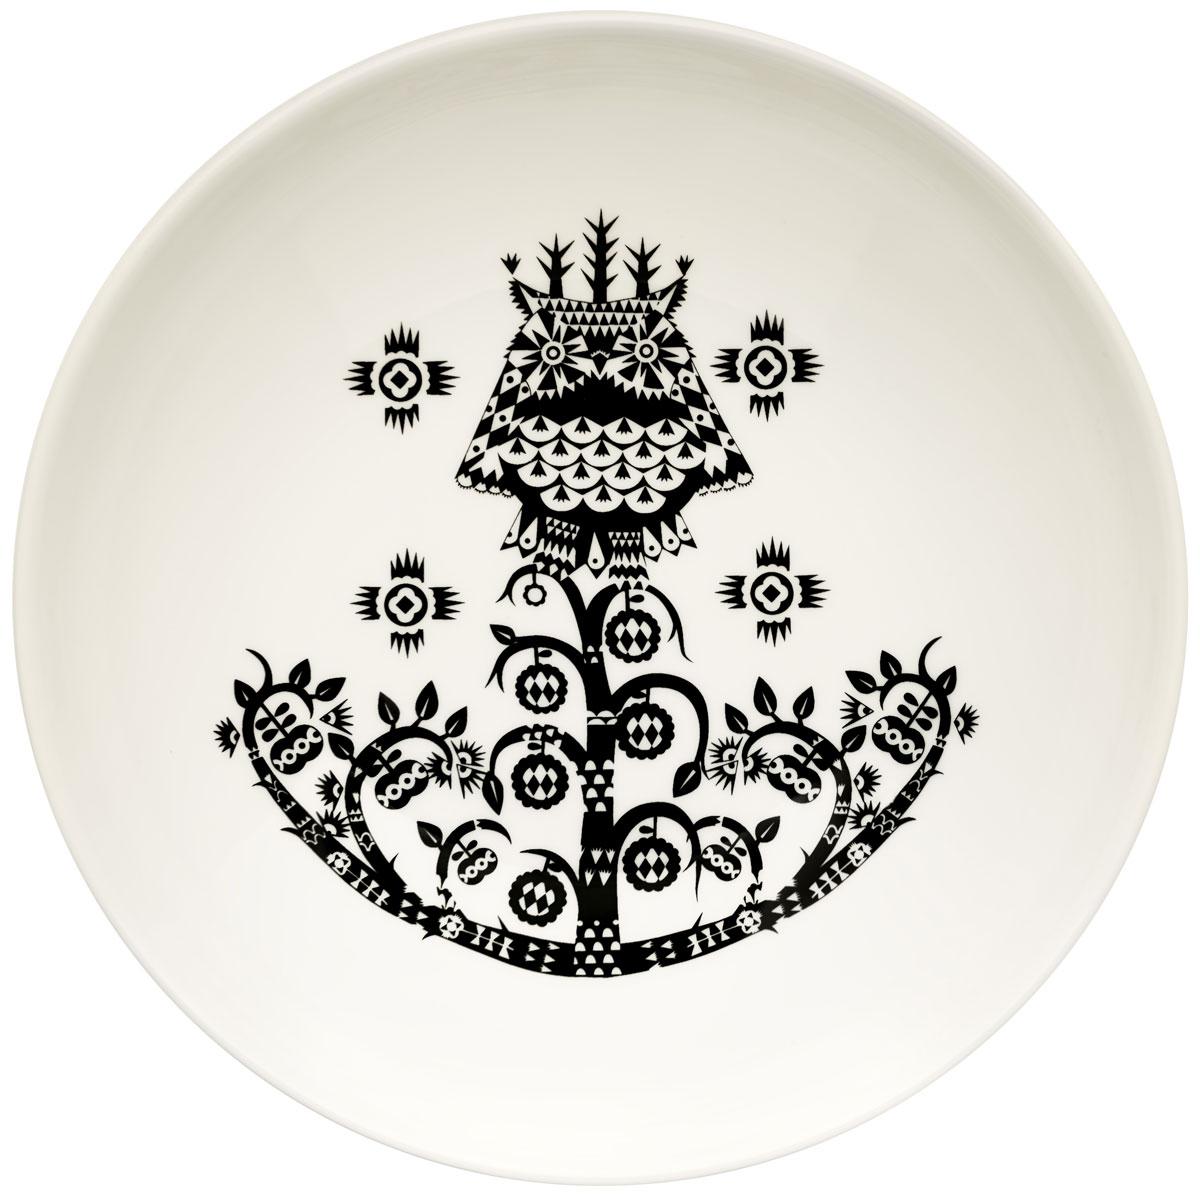 Тарелка глубокая Iittala Taika, цвет: черный, диаметр 20 см1011651Глубокая тарелка Iittala Taika выполнена из качественного жароустойчивого прочного фарфора с долговечным стекловидным эмалевым покрытием. Можно мыть в посудомоечной машине.Диаметр: 20 см.